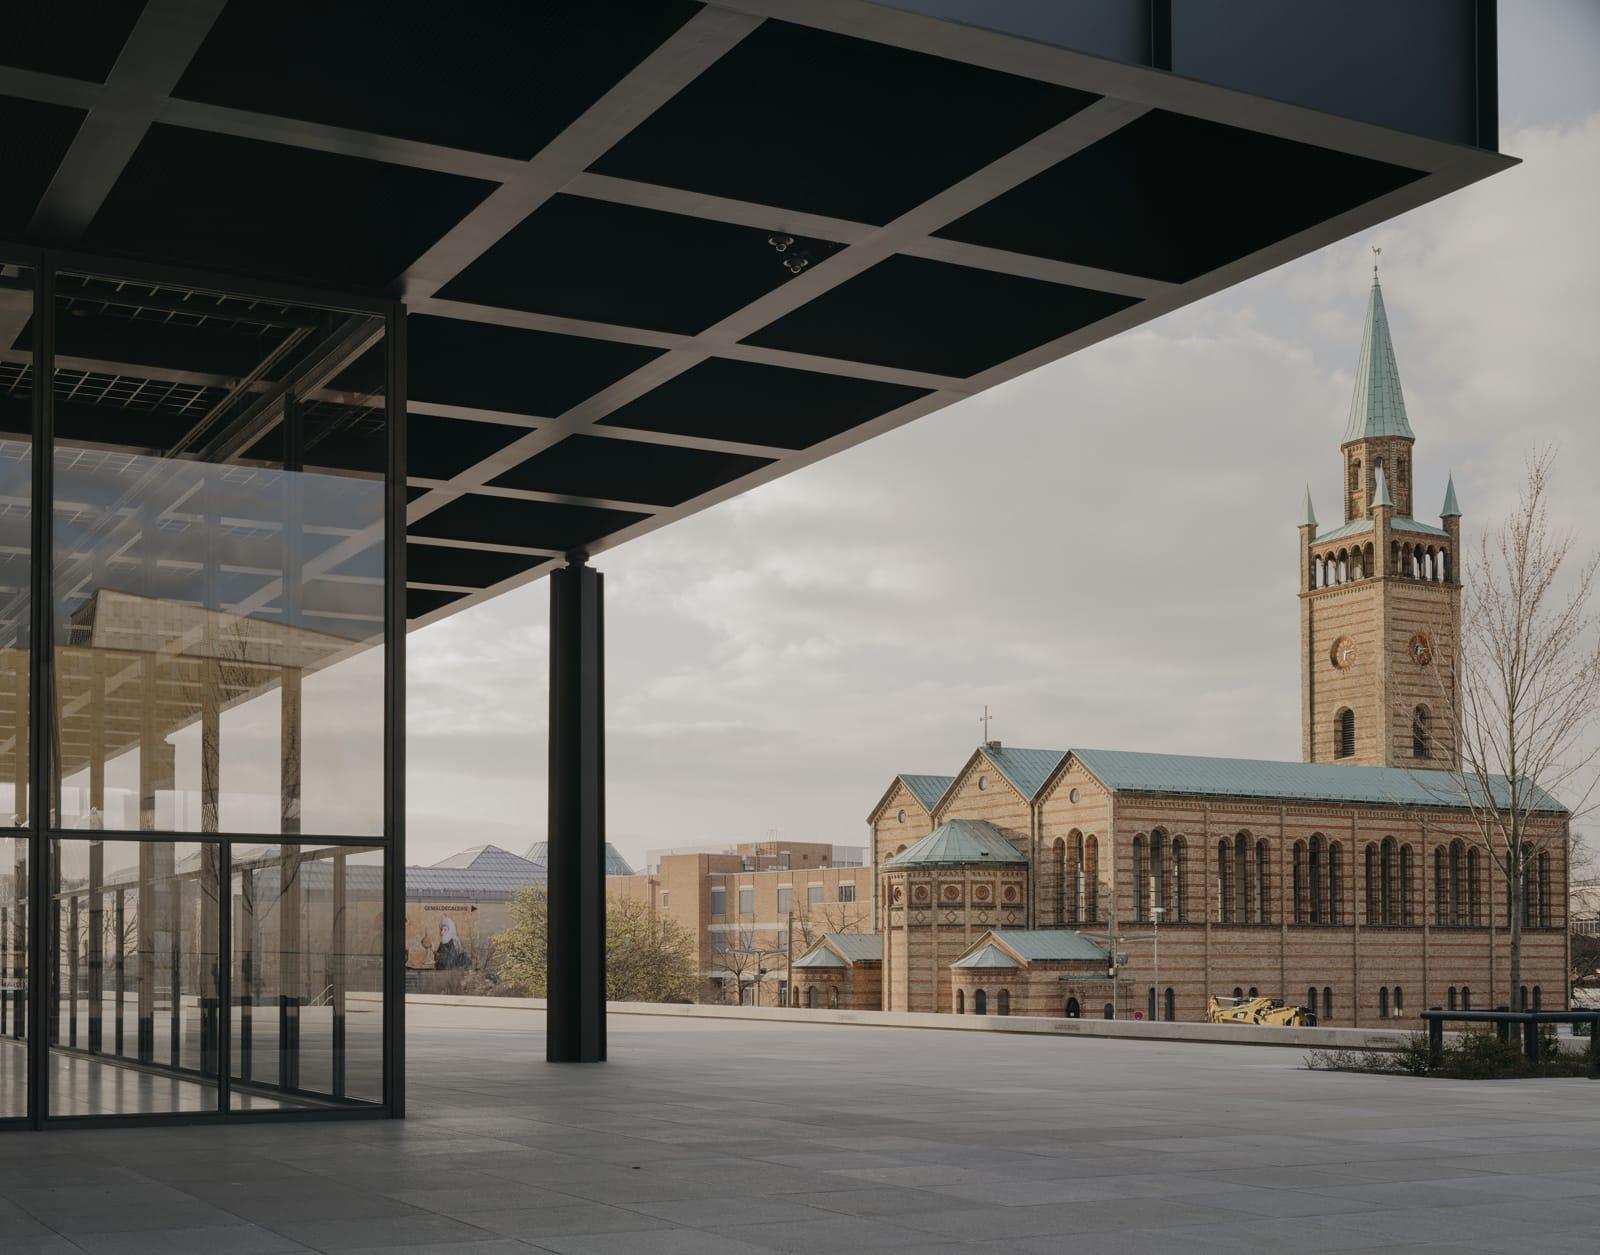 Neue Nationalgalerie Refurbishment  - 20210625 Chipperfield NeueNationalgalerieRefurbishment 04 37